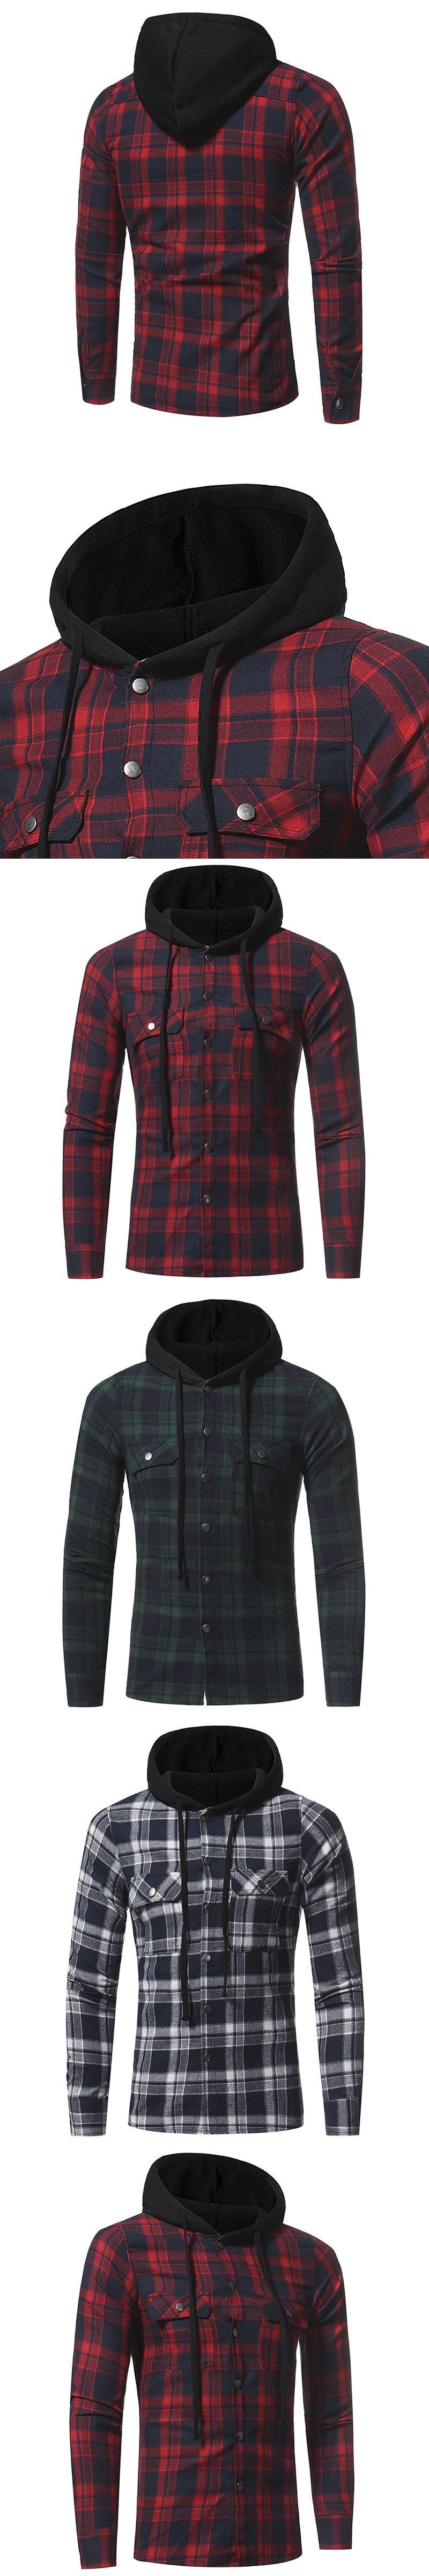 Men Shirts  New Fashion Brand Long Sleeve Shirt Flannel Menus